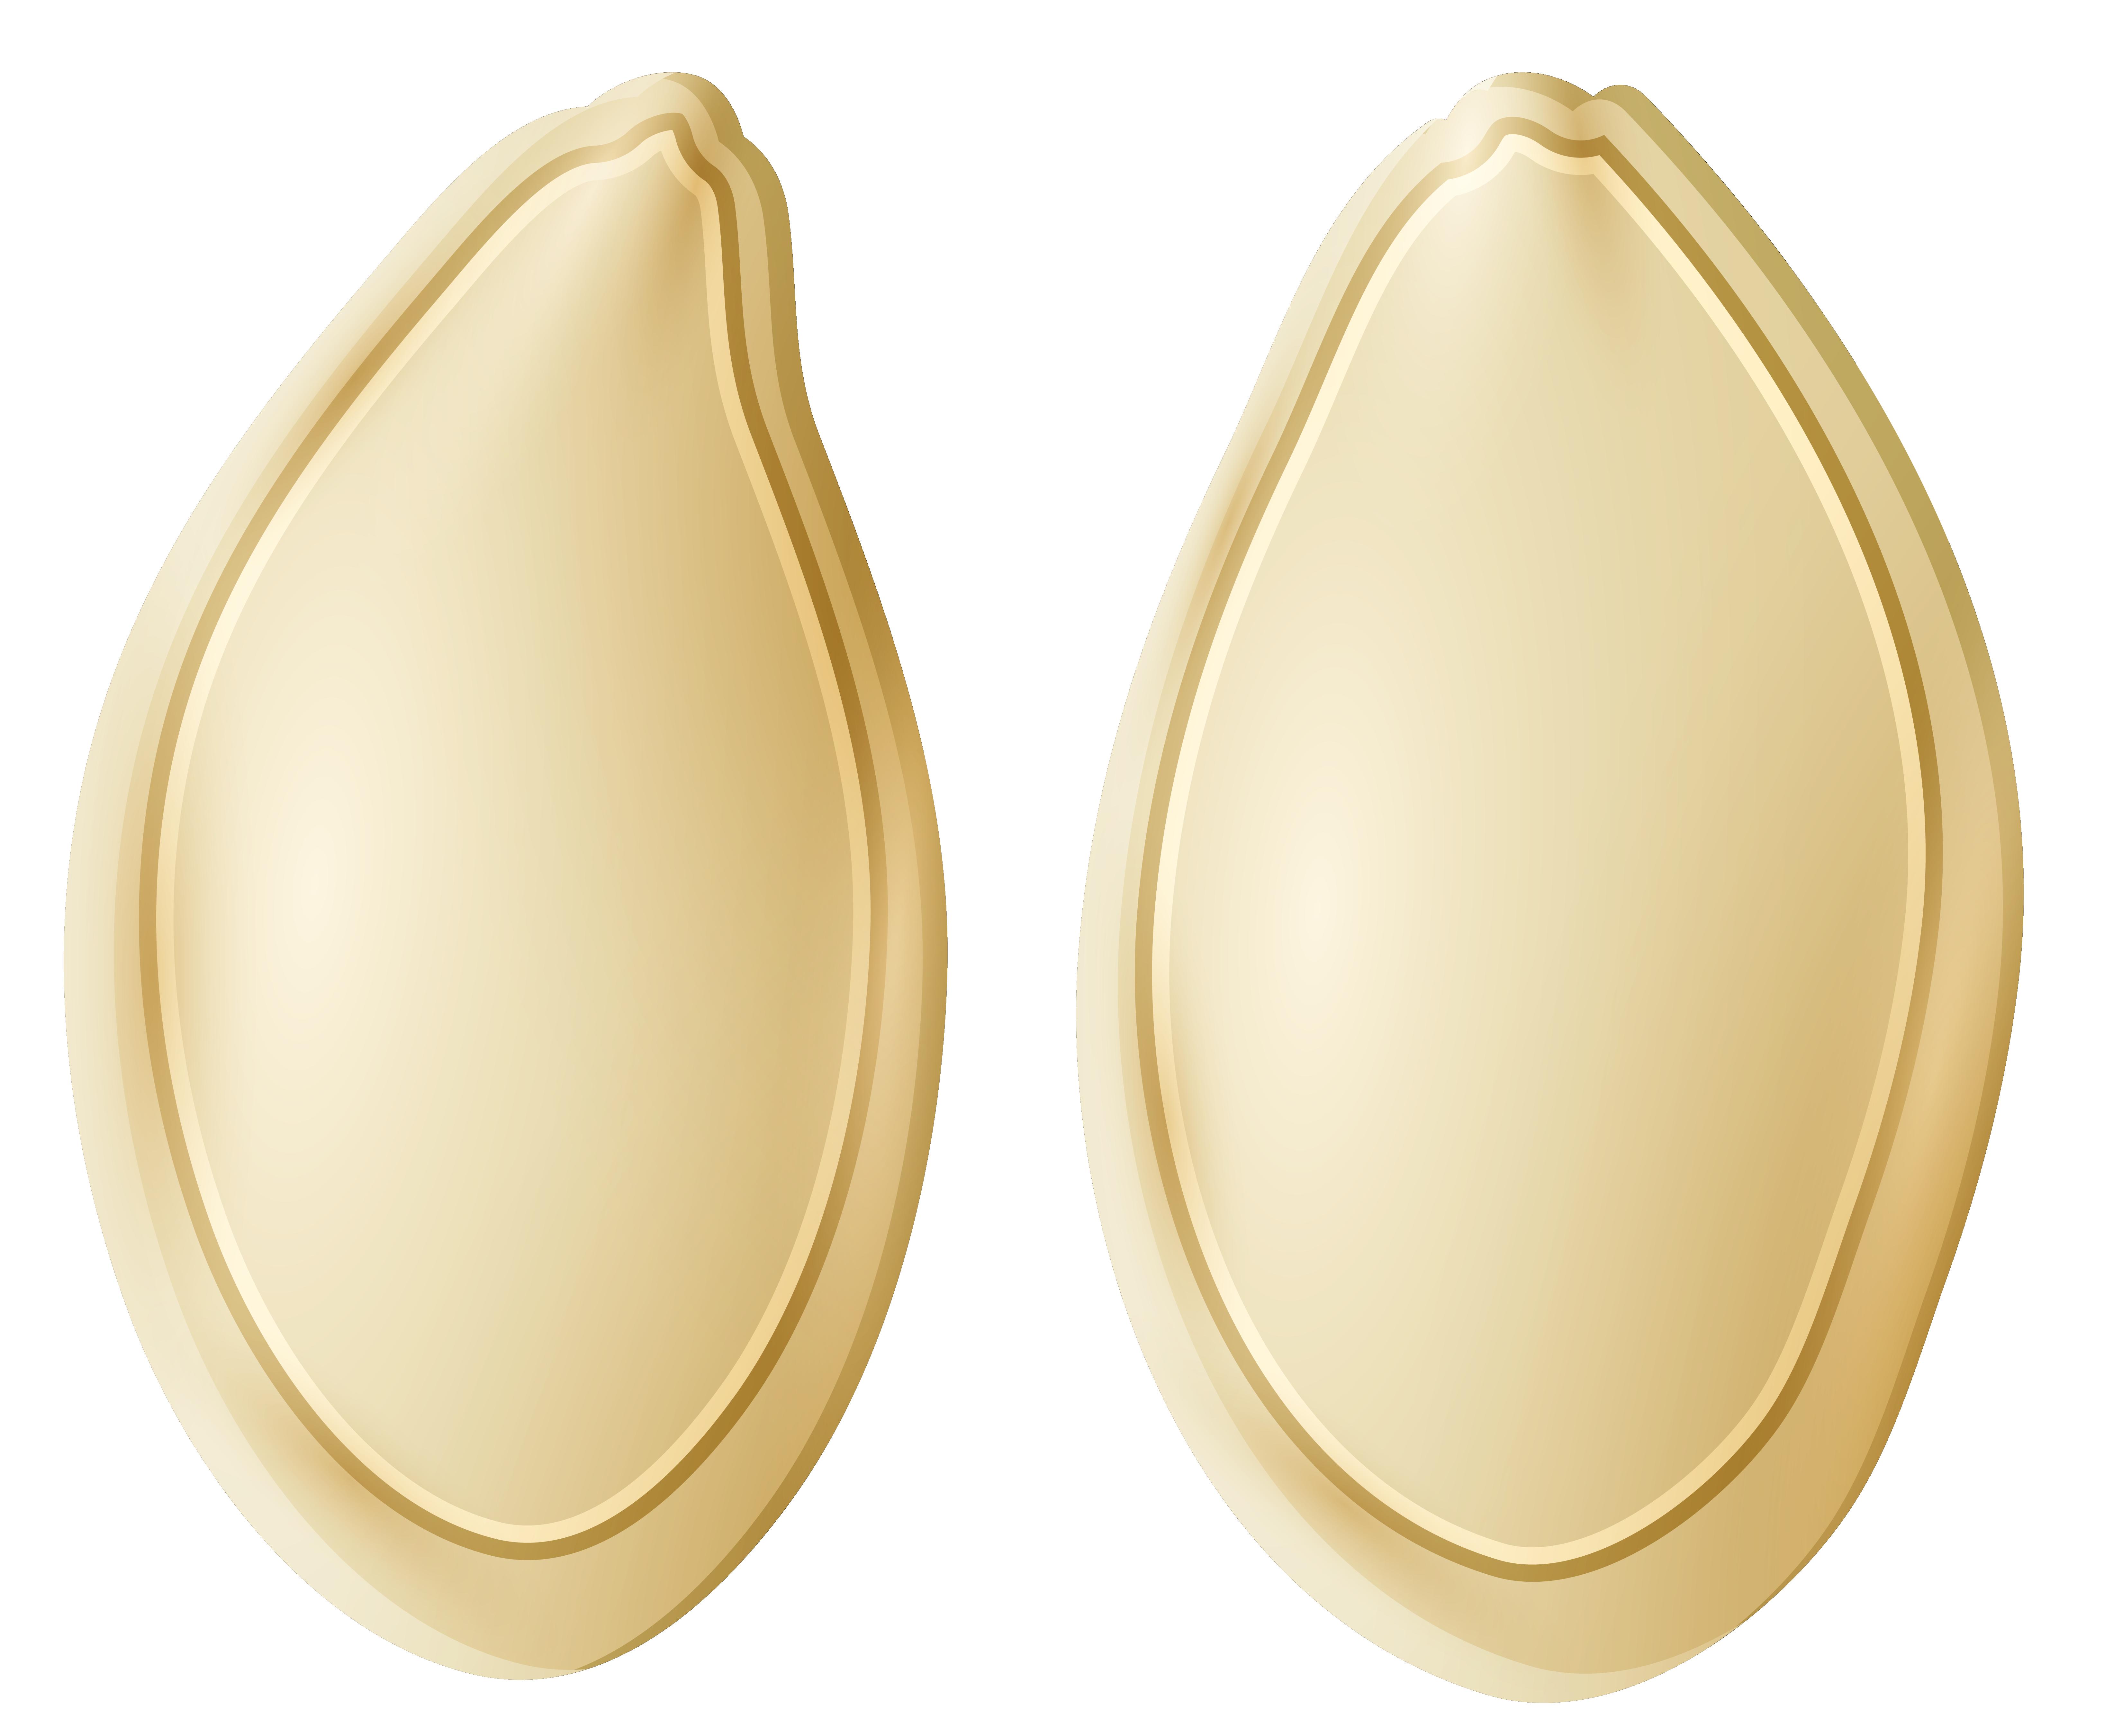 Семя, семена тыквы PNG